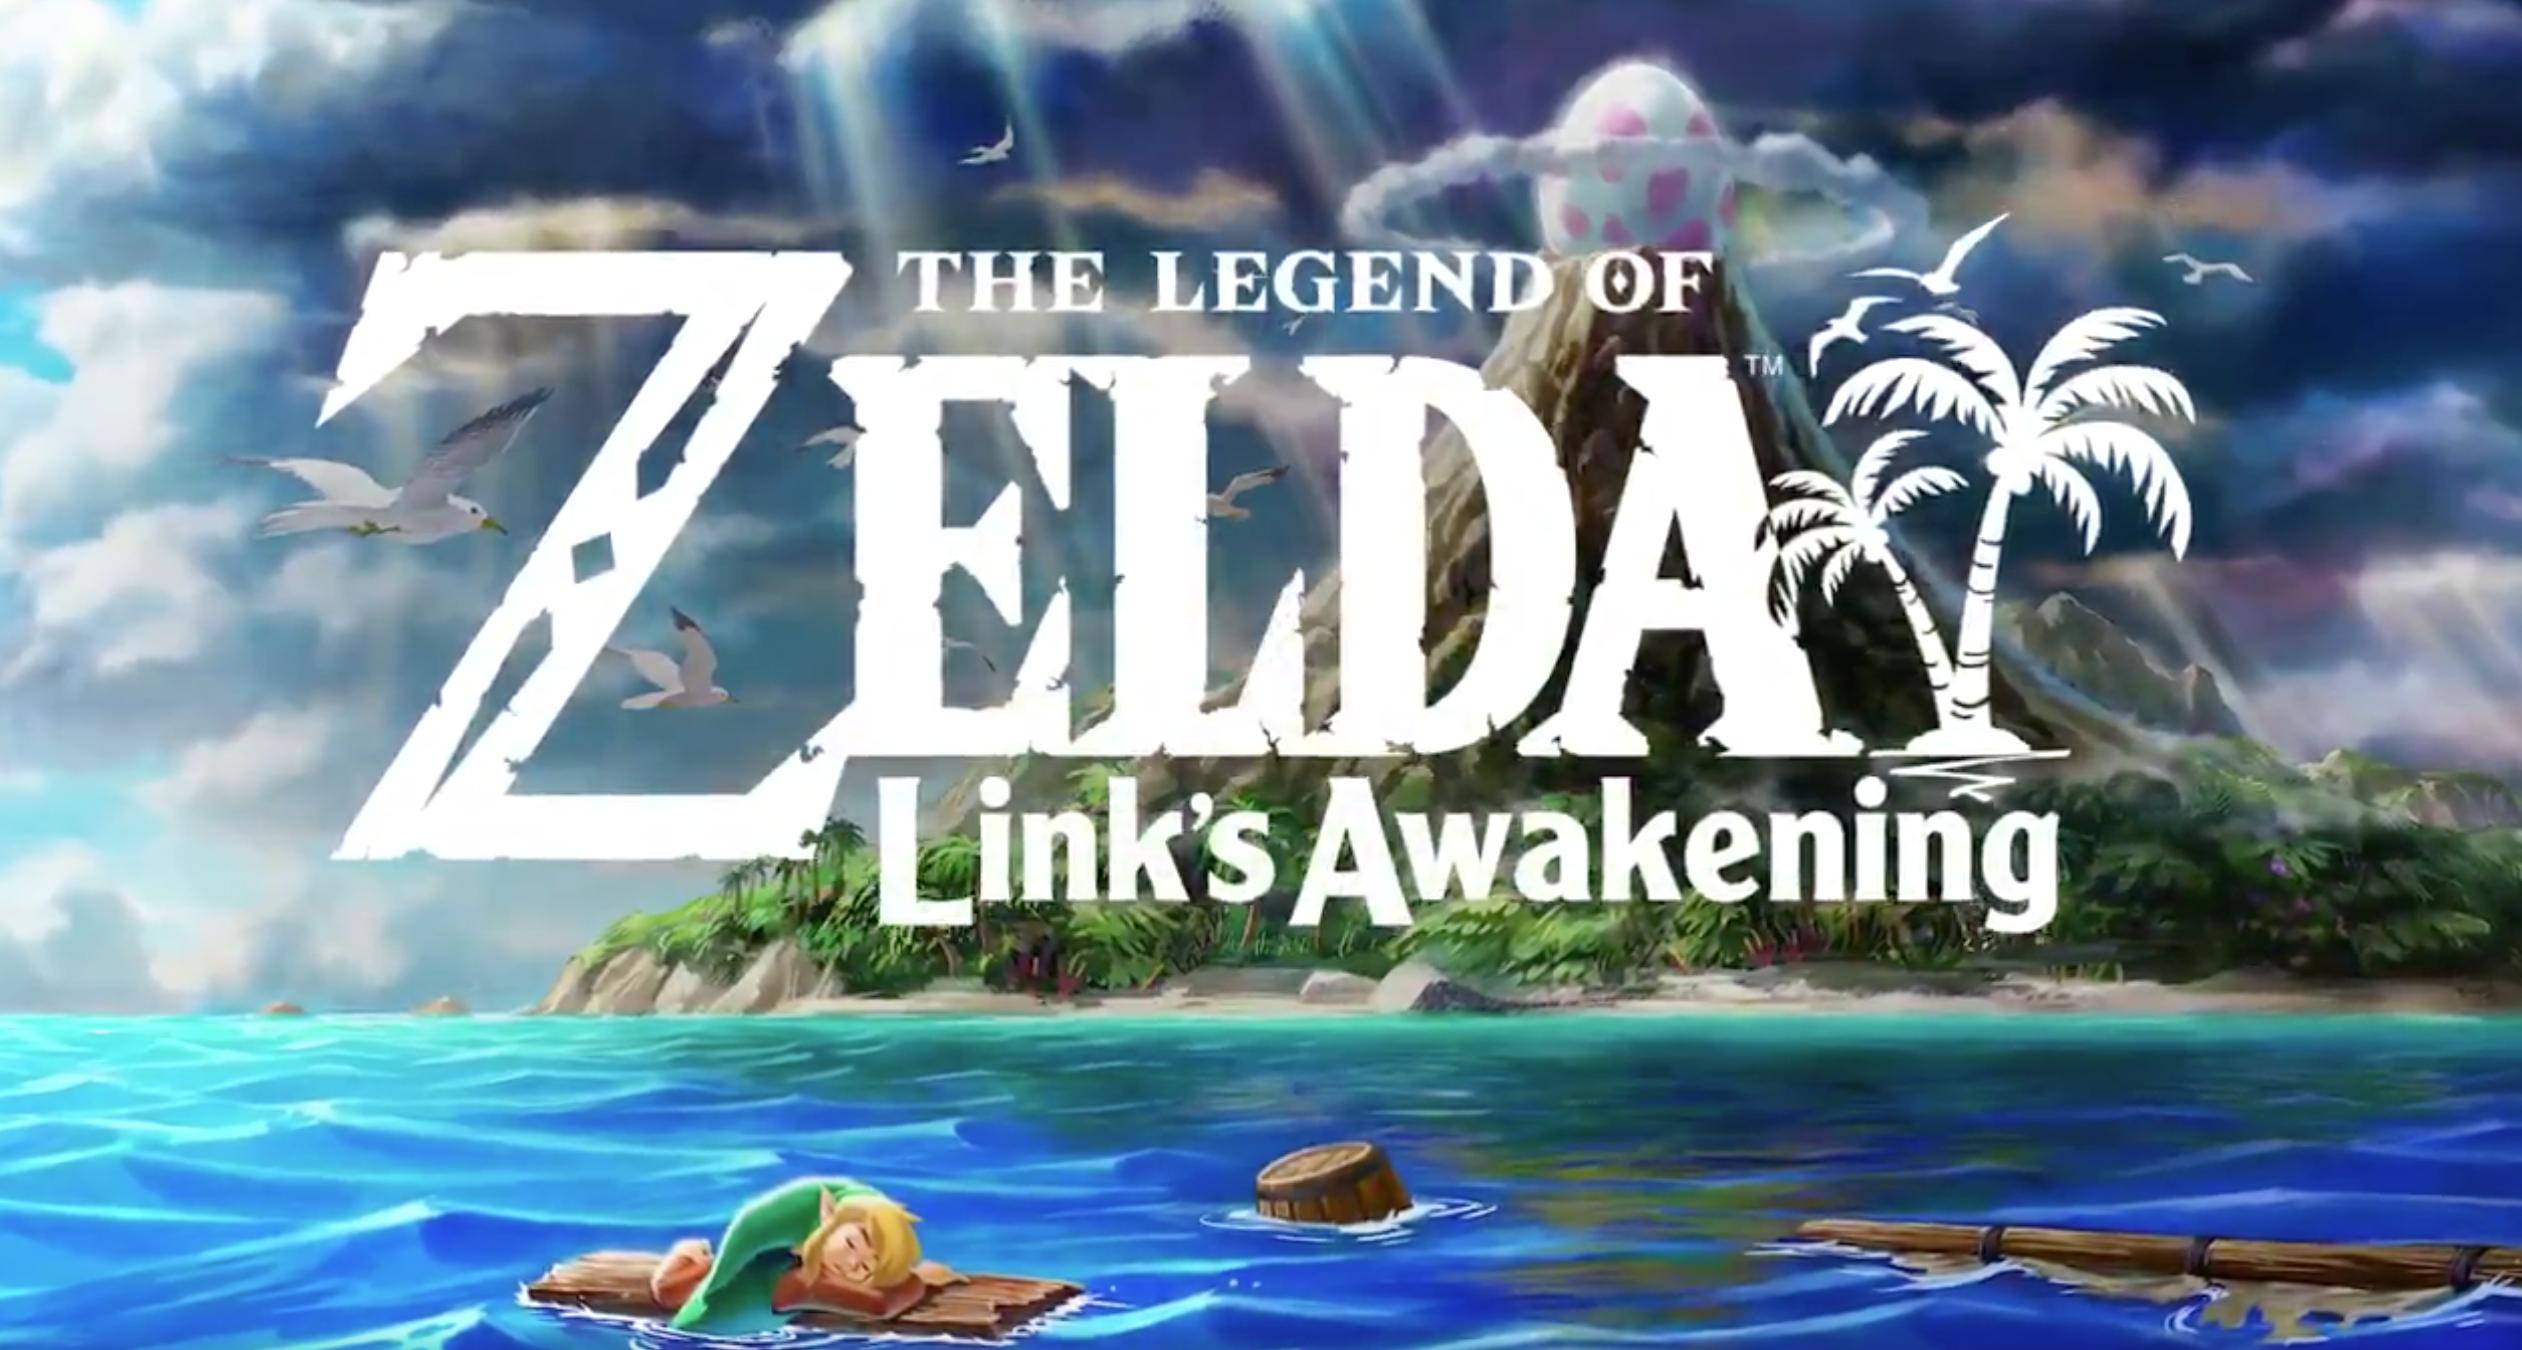 Link's Awakening Nintendo Switch